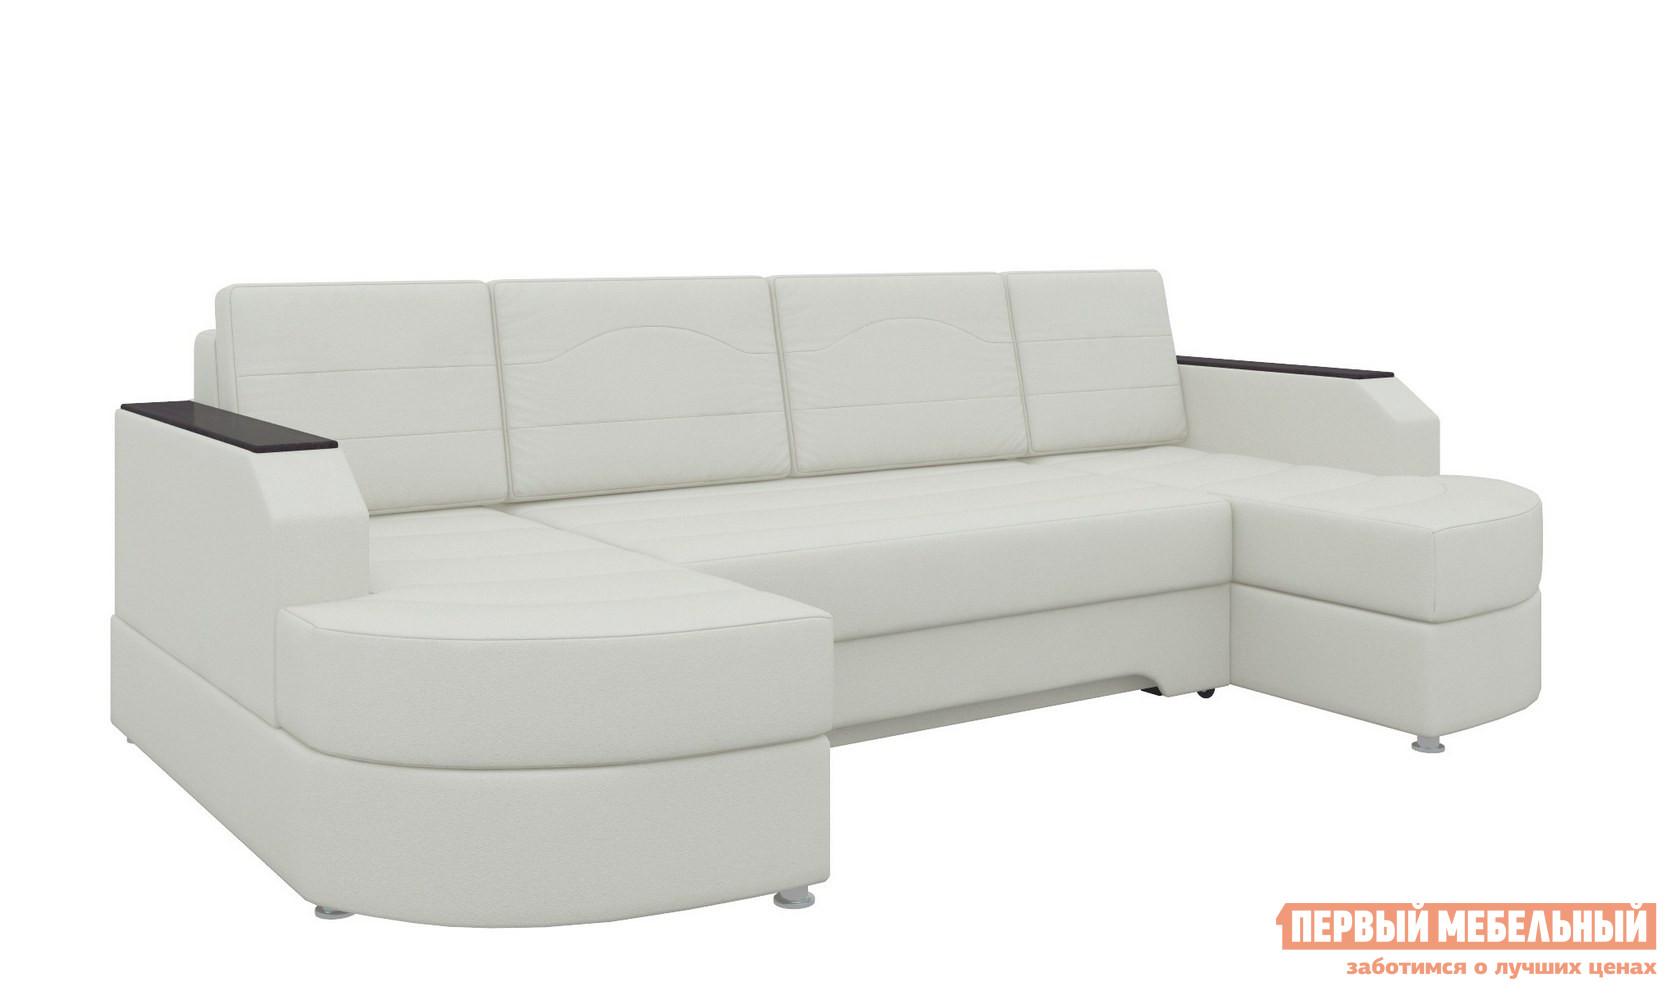 Диван Мебелико Диван угловой Сахара П Экокожа белая Мебелико Габаритные размеры ВхШхГ 850x2650x1400 мм. Сахара П — двухугловой диван, отличающийся вместительной системой хранения. <br> Изделие станет настоящей находкой для гостеприимных хозяев и больших семей, ведь габариты модели позволяют с удобством разместить более 5 персон. <br> Благодаря устройству трансформации еврокнижка, легким движением руки вы организуете полноценное спальное место,размеры которого составляют 147 х 235 см. <br>Каркас Сахара П изготовлен из комбинации ЛДСП и соснового массива.  Внутреннее наполнение дивана — ППУ, войлок и синтепон. <br>Диван оборудован двумя ёмкими ящиками, в них можно аккуратно и бережно хранить не только постельное белье, но и многие другие вещи. <br>  С Сахара П вы гармонично и практично оформите гостиную комнату, получив комфортабельный диван и полноценную кровать. <br>